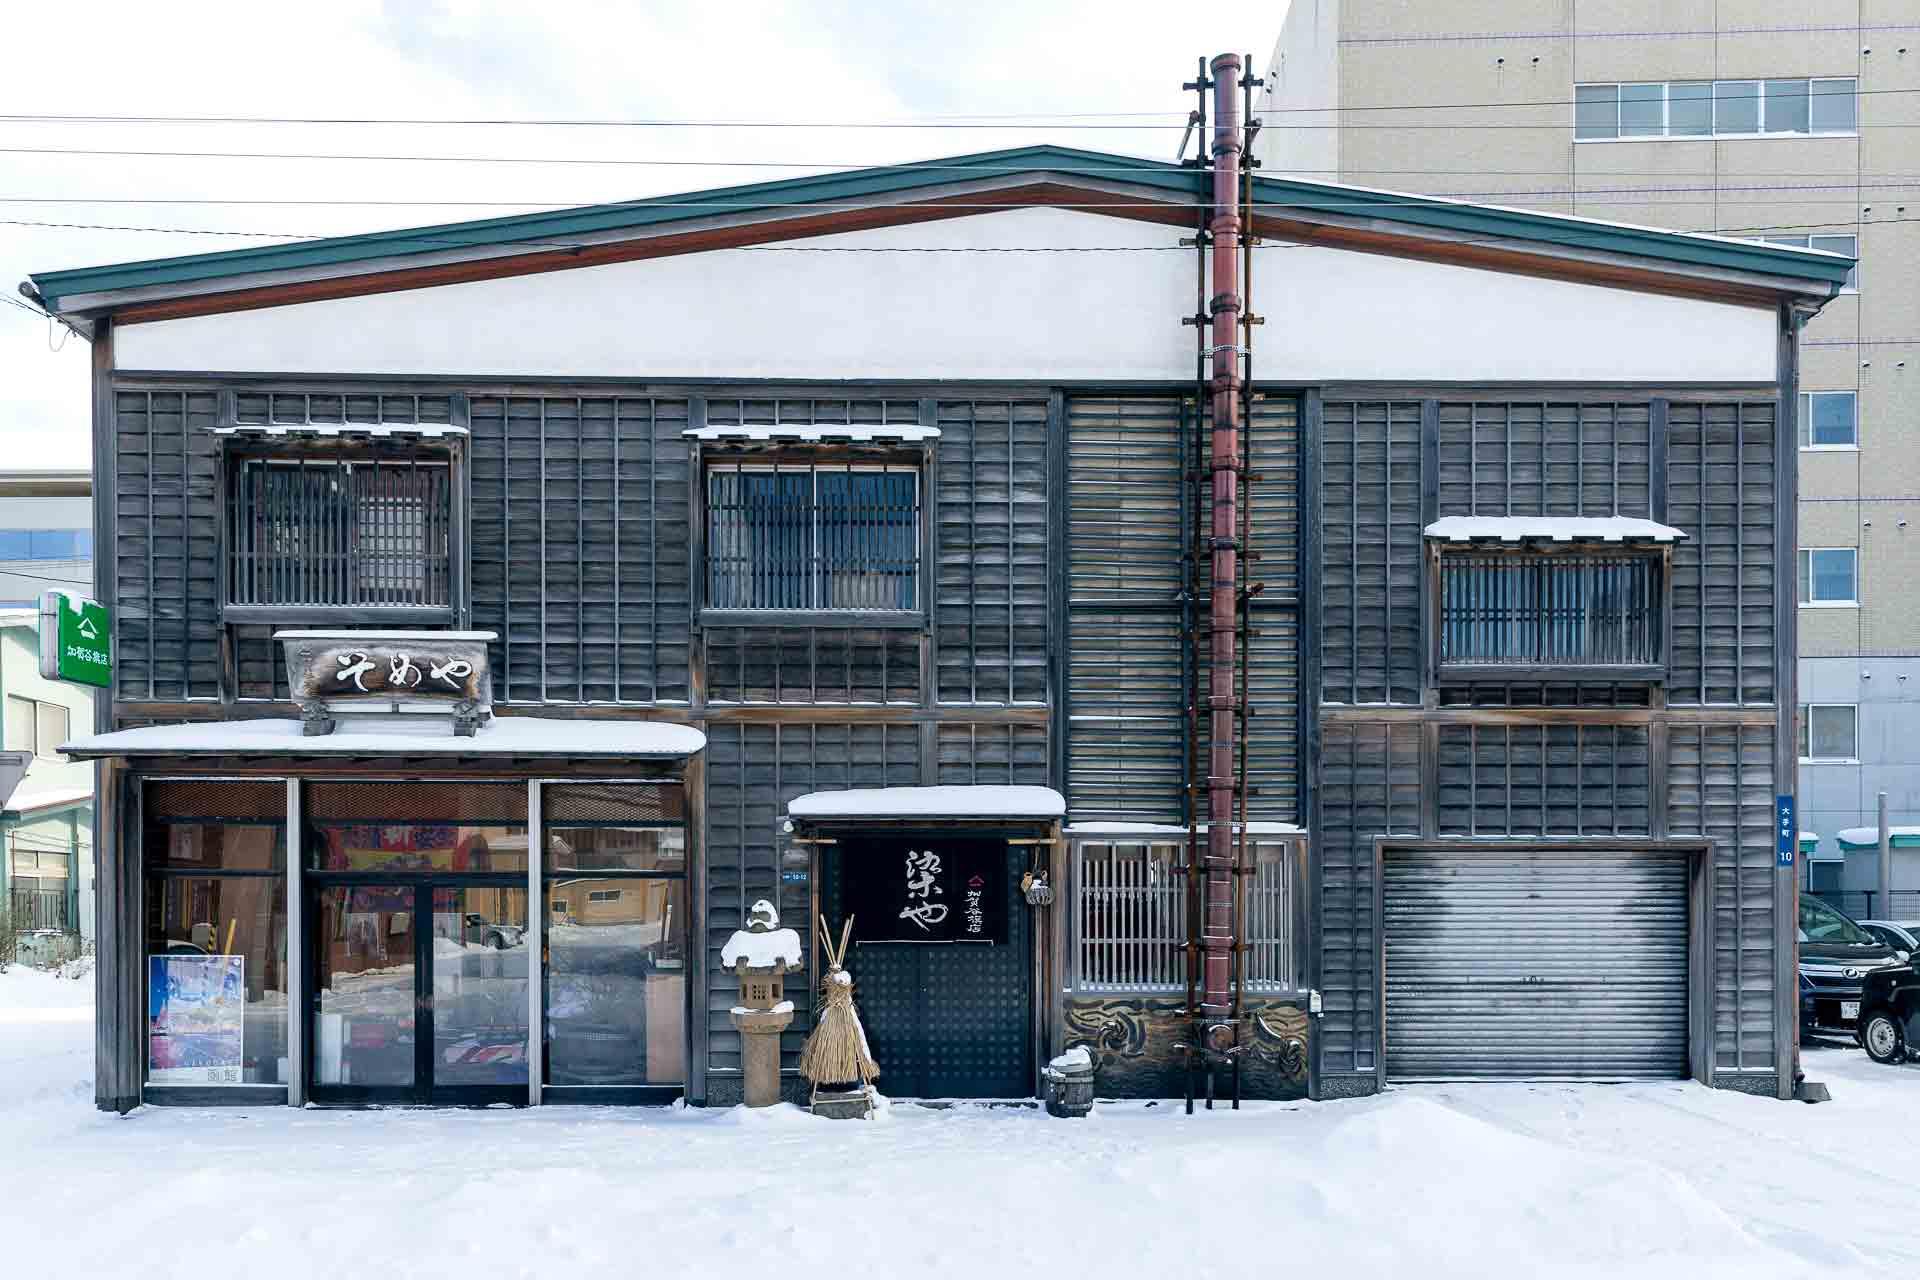 加賀谷旗店の外観。石炭ストーブのための長い煙突が目立ちます